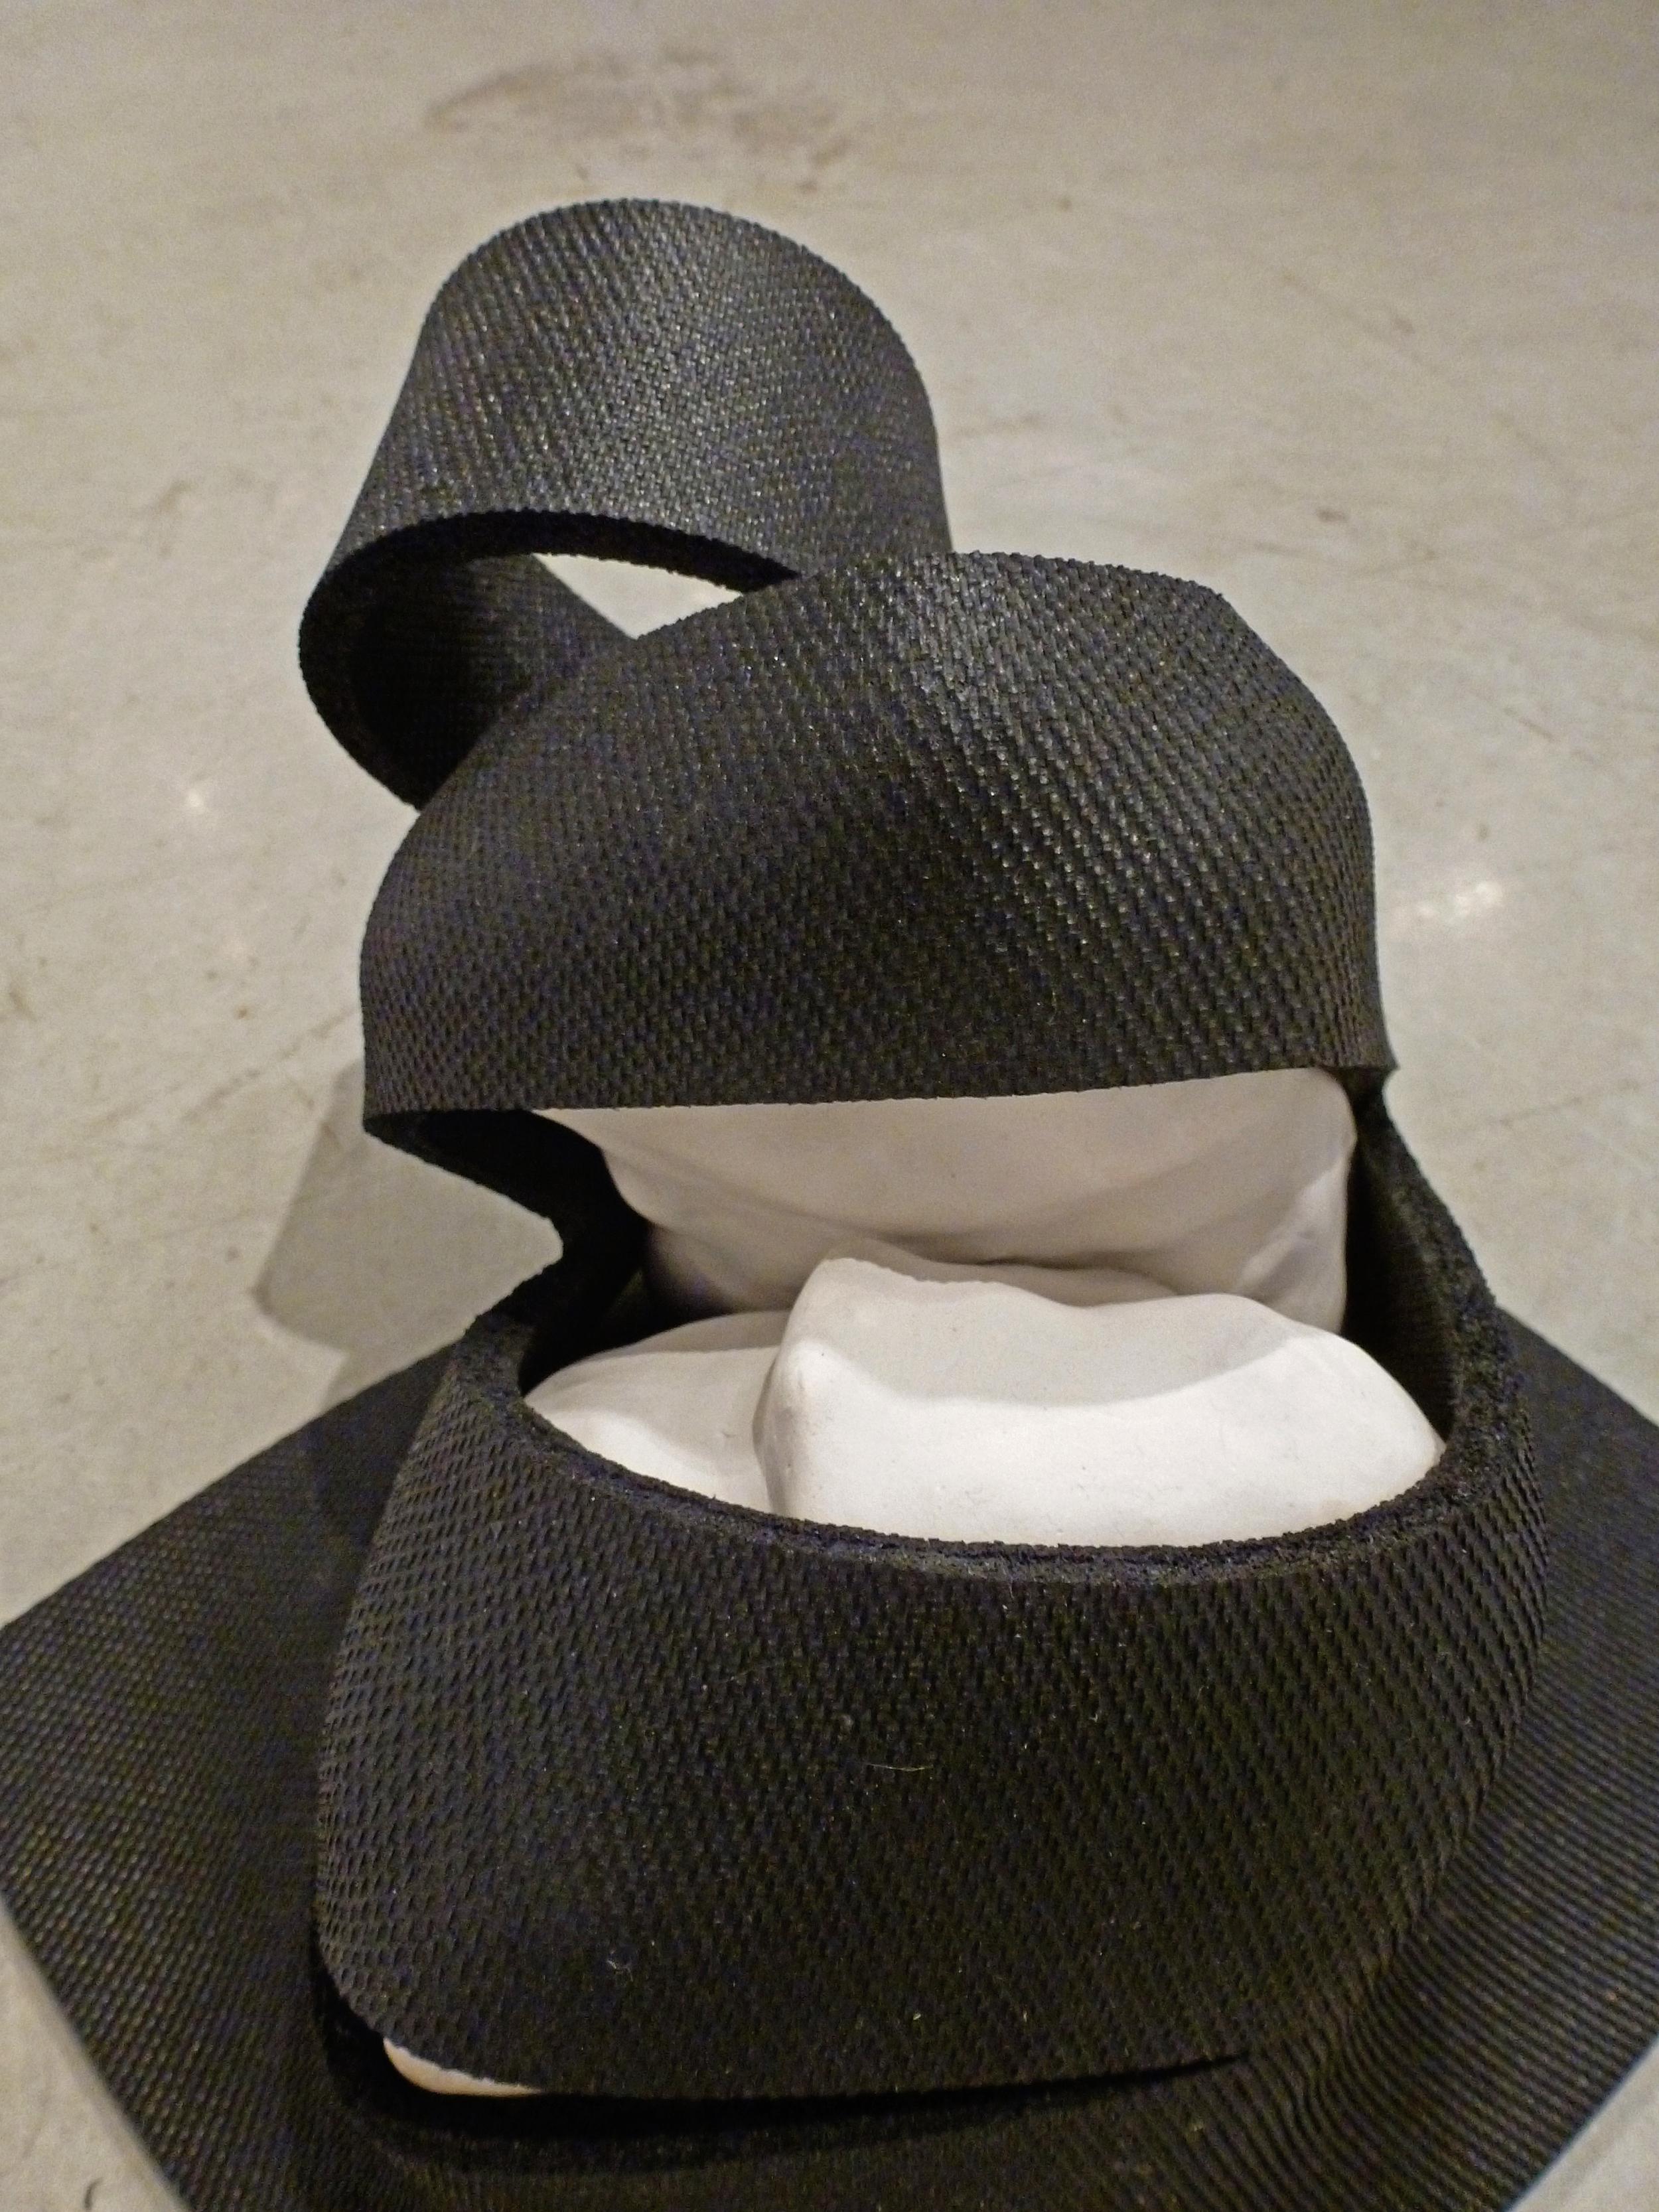 Untitled (Rubber Slit)  detail,2013